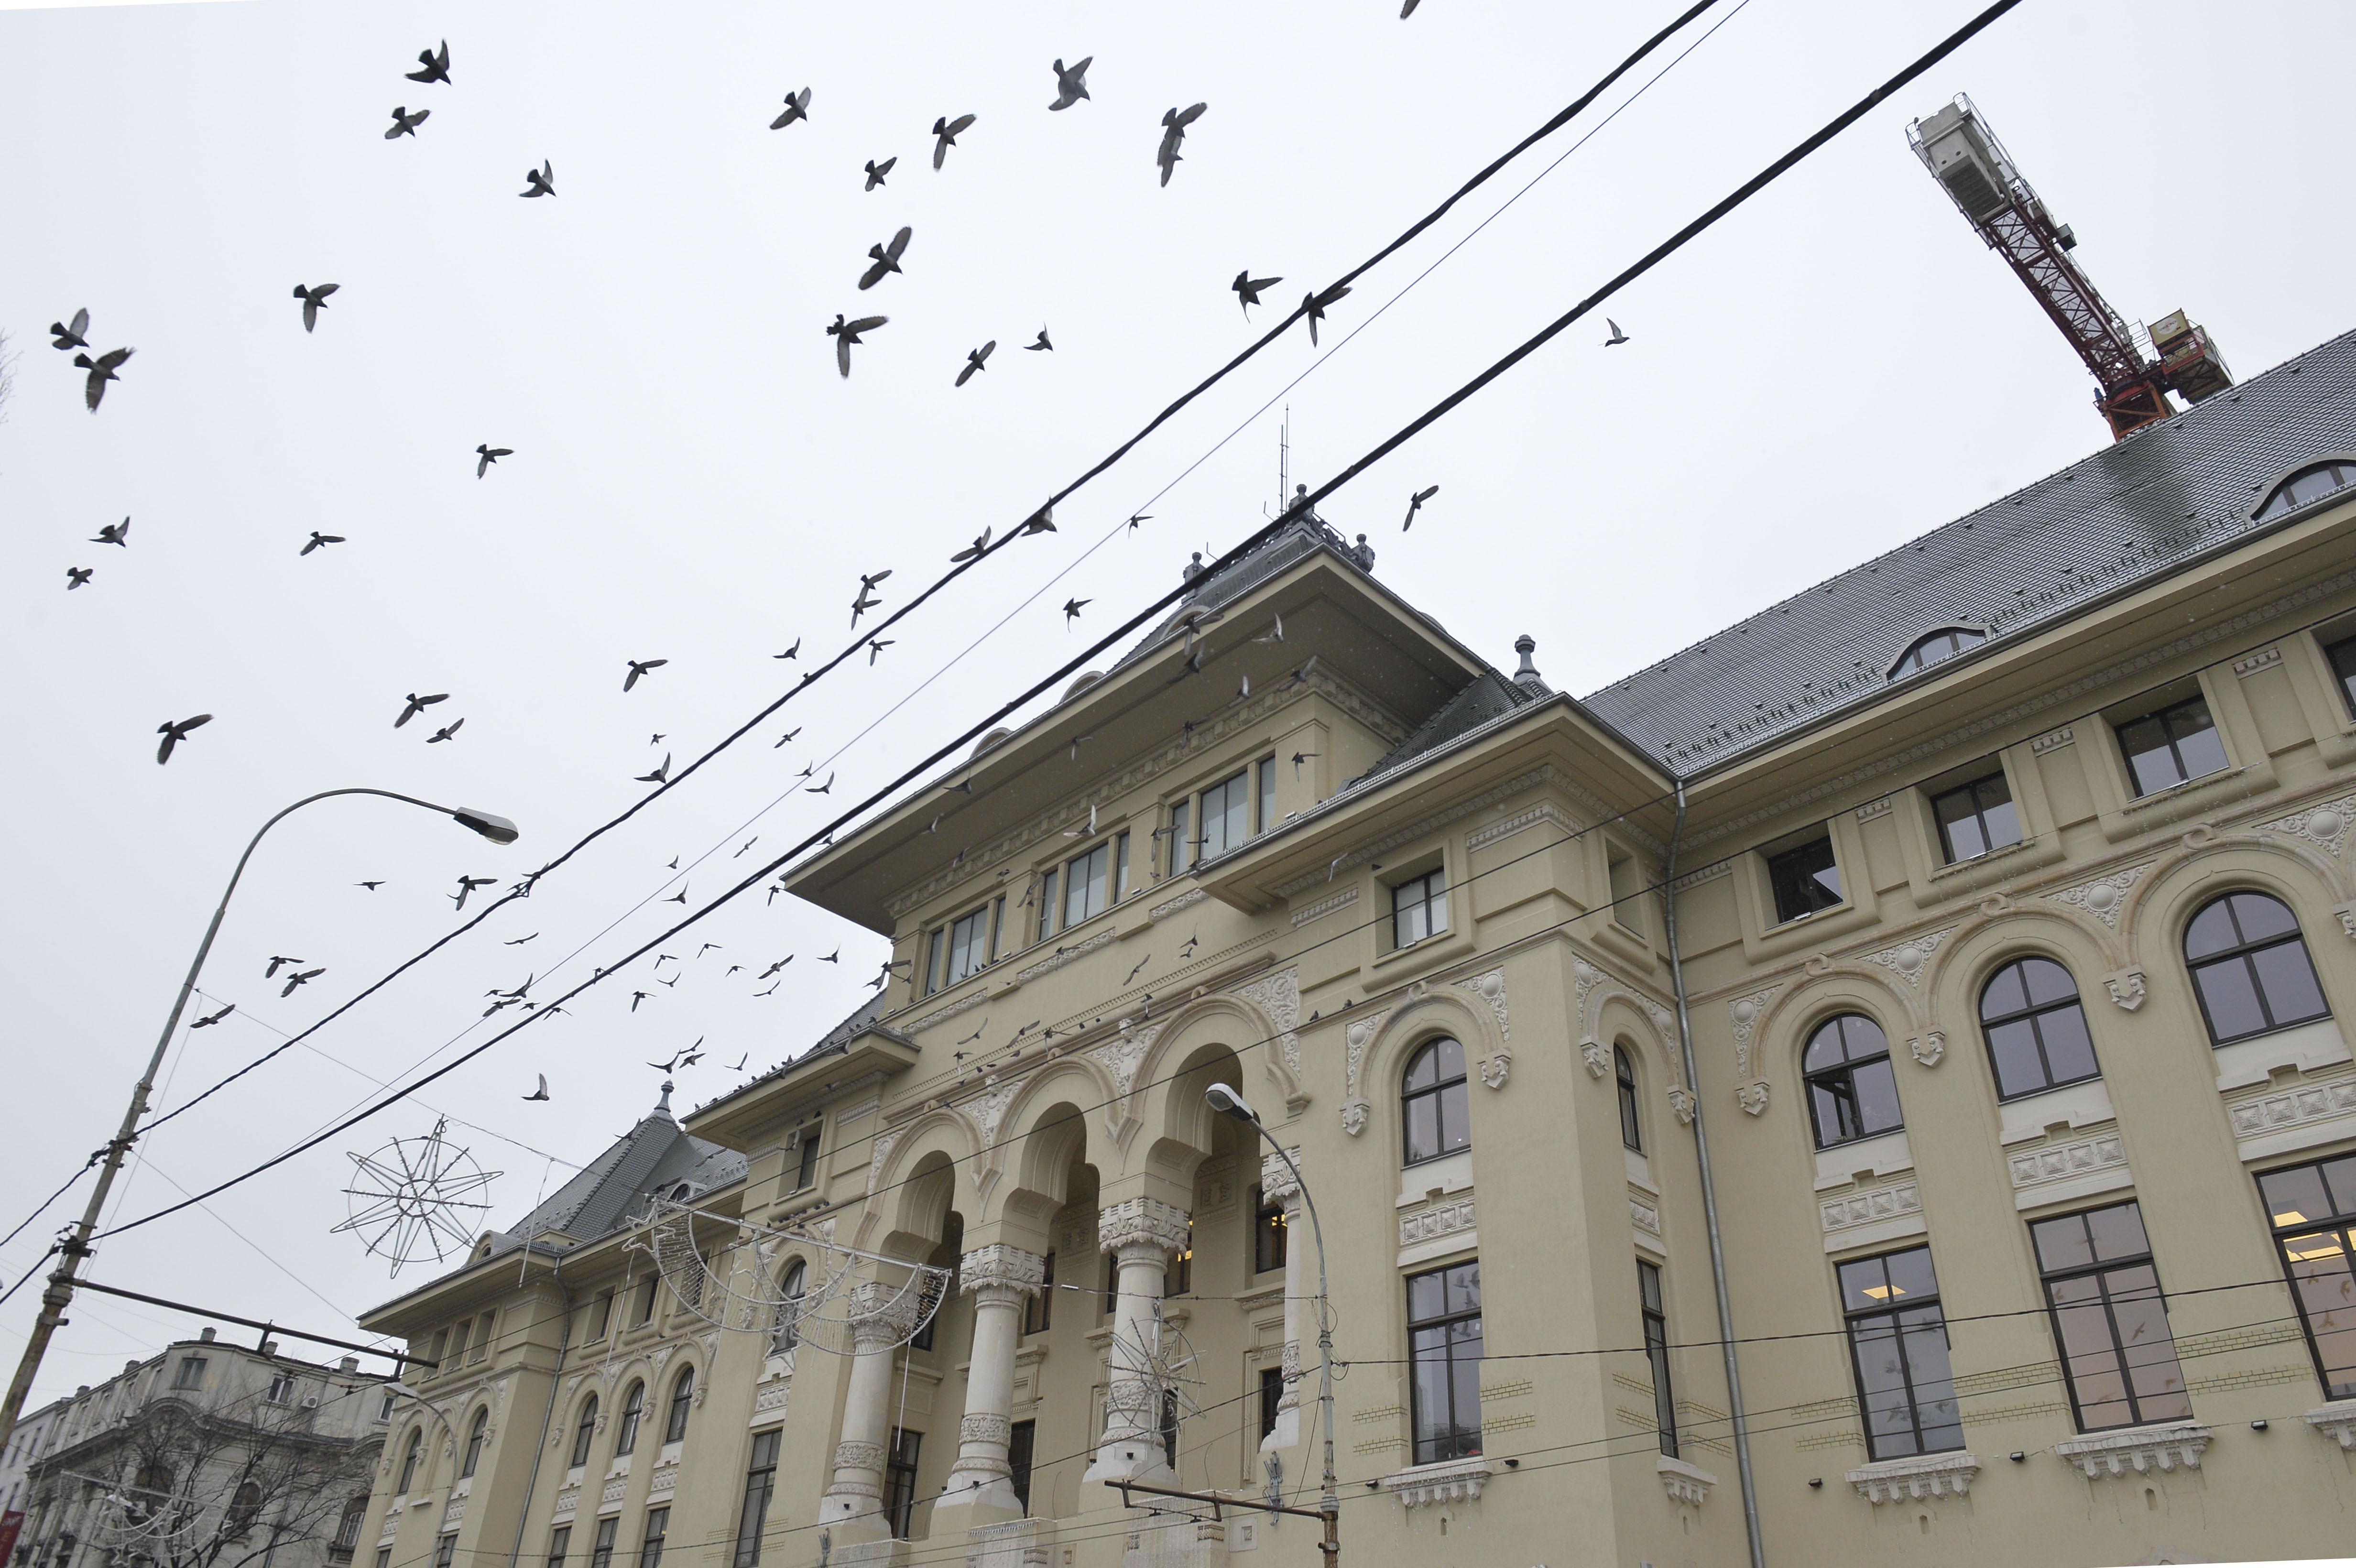 Şedinţa extraordinară la Consiliul General al Municipiului Bucureşti, convocată de PNL, luni, pentru analiza celor 22 de firme nou înfiinţate